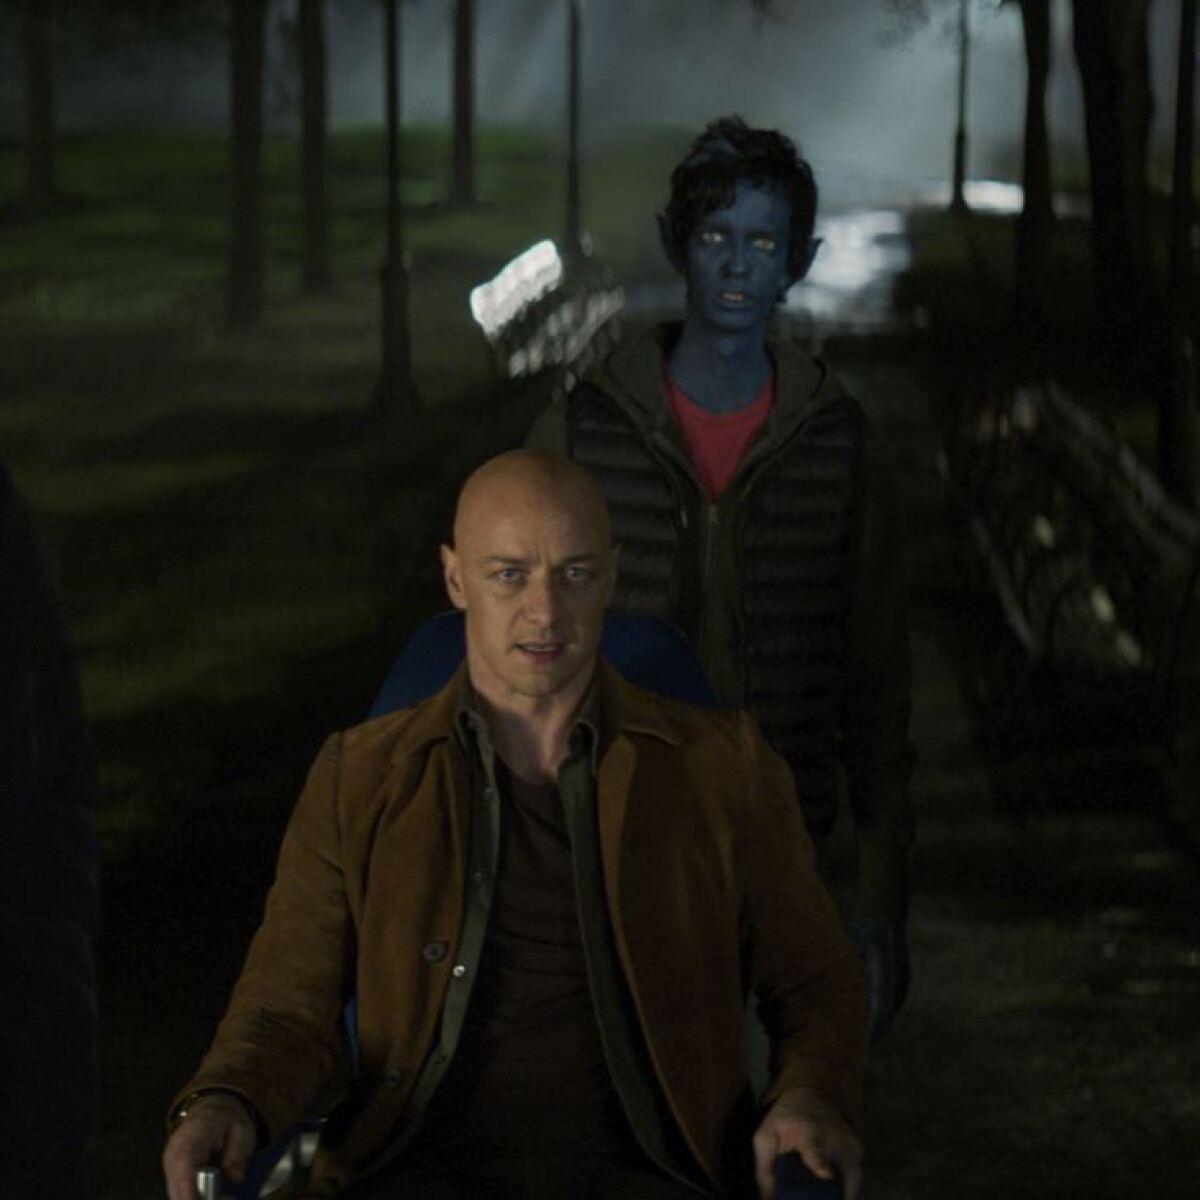 Dumbo Trailer Y Fecha De Estreno: 'X-Men: Dark Phoenix' Ya Tiene Tráiler Y Fecha De Estreno